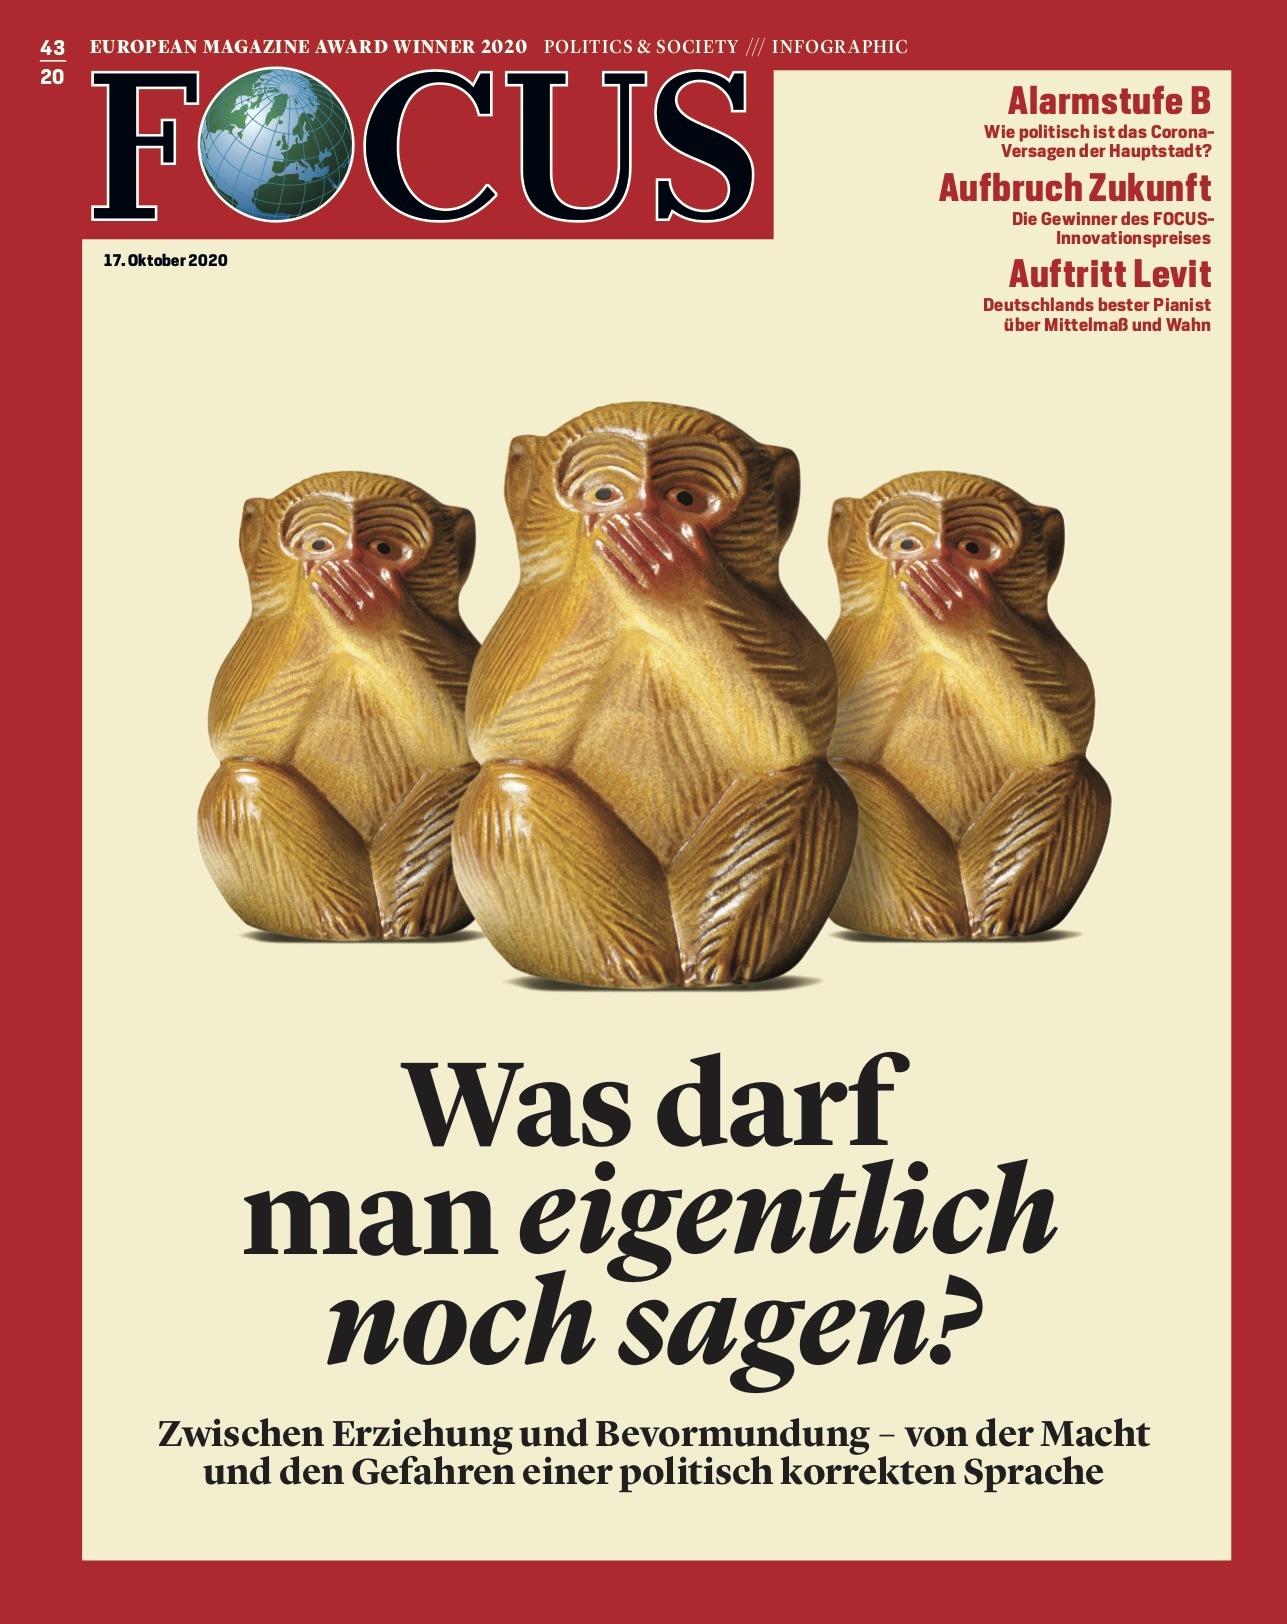 FOCUS Magazin FOCUS Magazin - Was darf man eigentlich noch sagen?